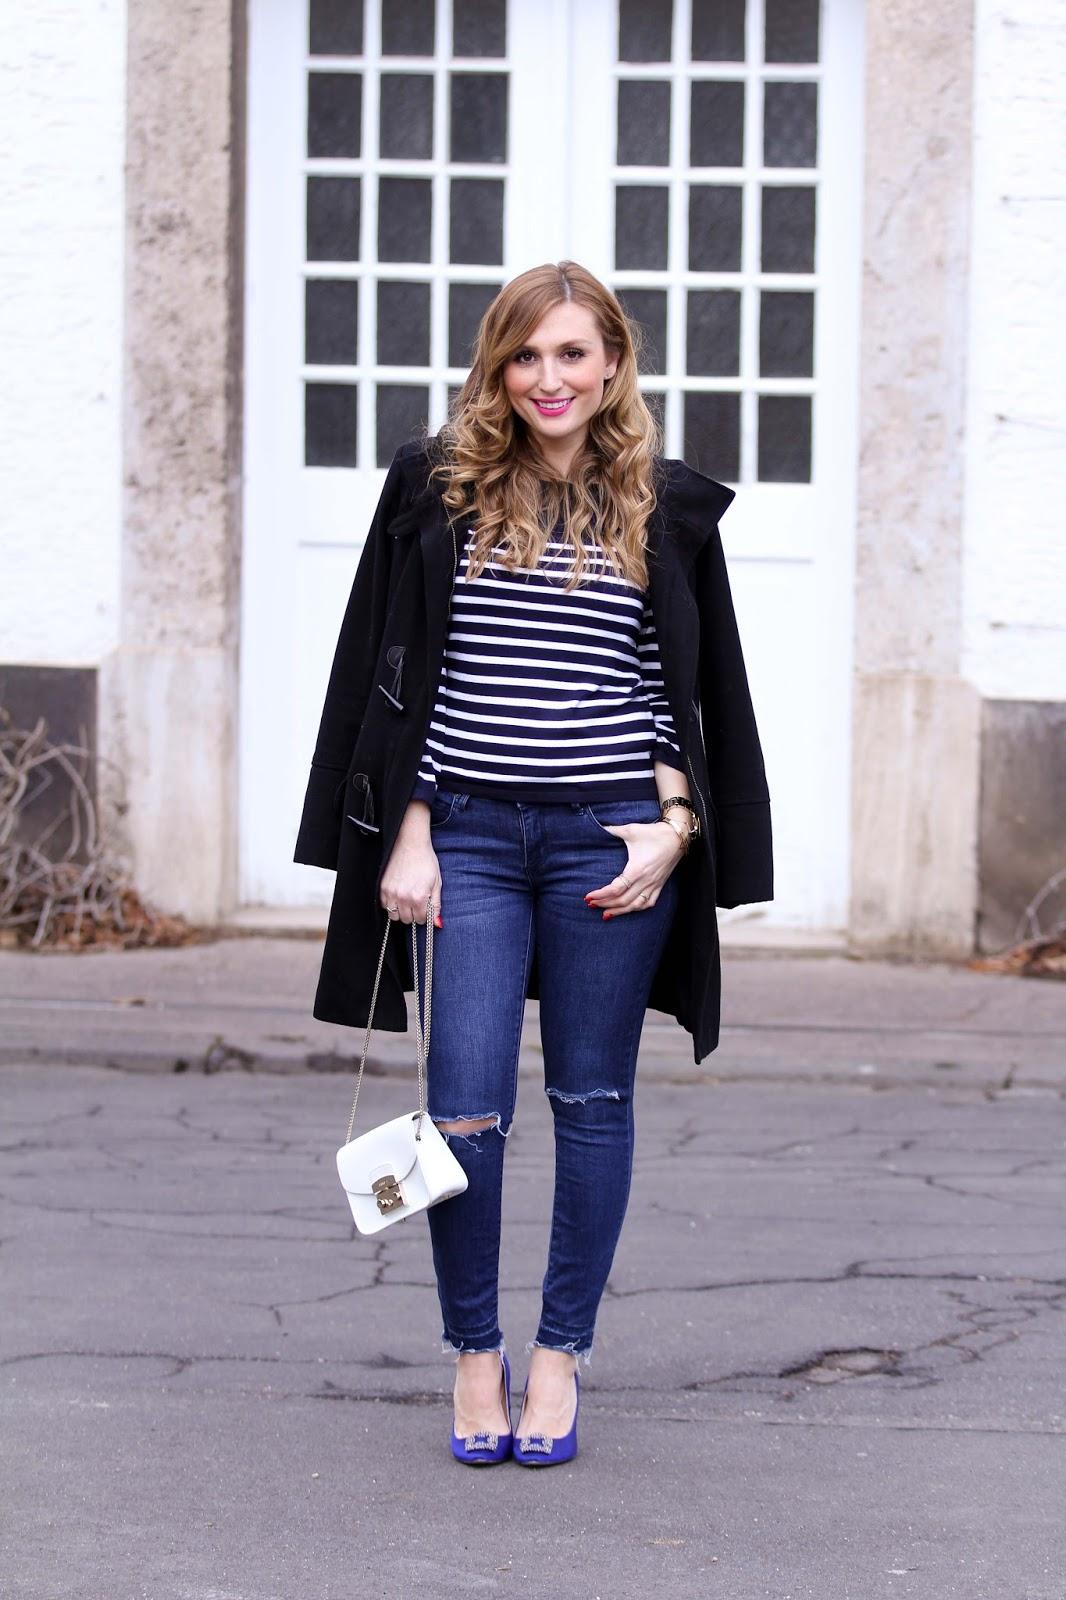 Blogger-aus-frankfurt-frankfurt-blogger-Marine-Look-Marine-Pullover-Streifenpulli-Weiße-Furla-Tasche